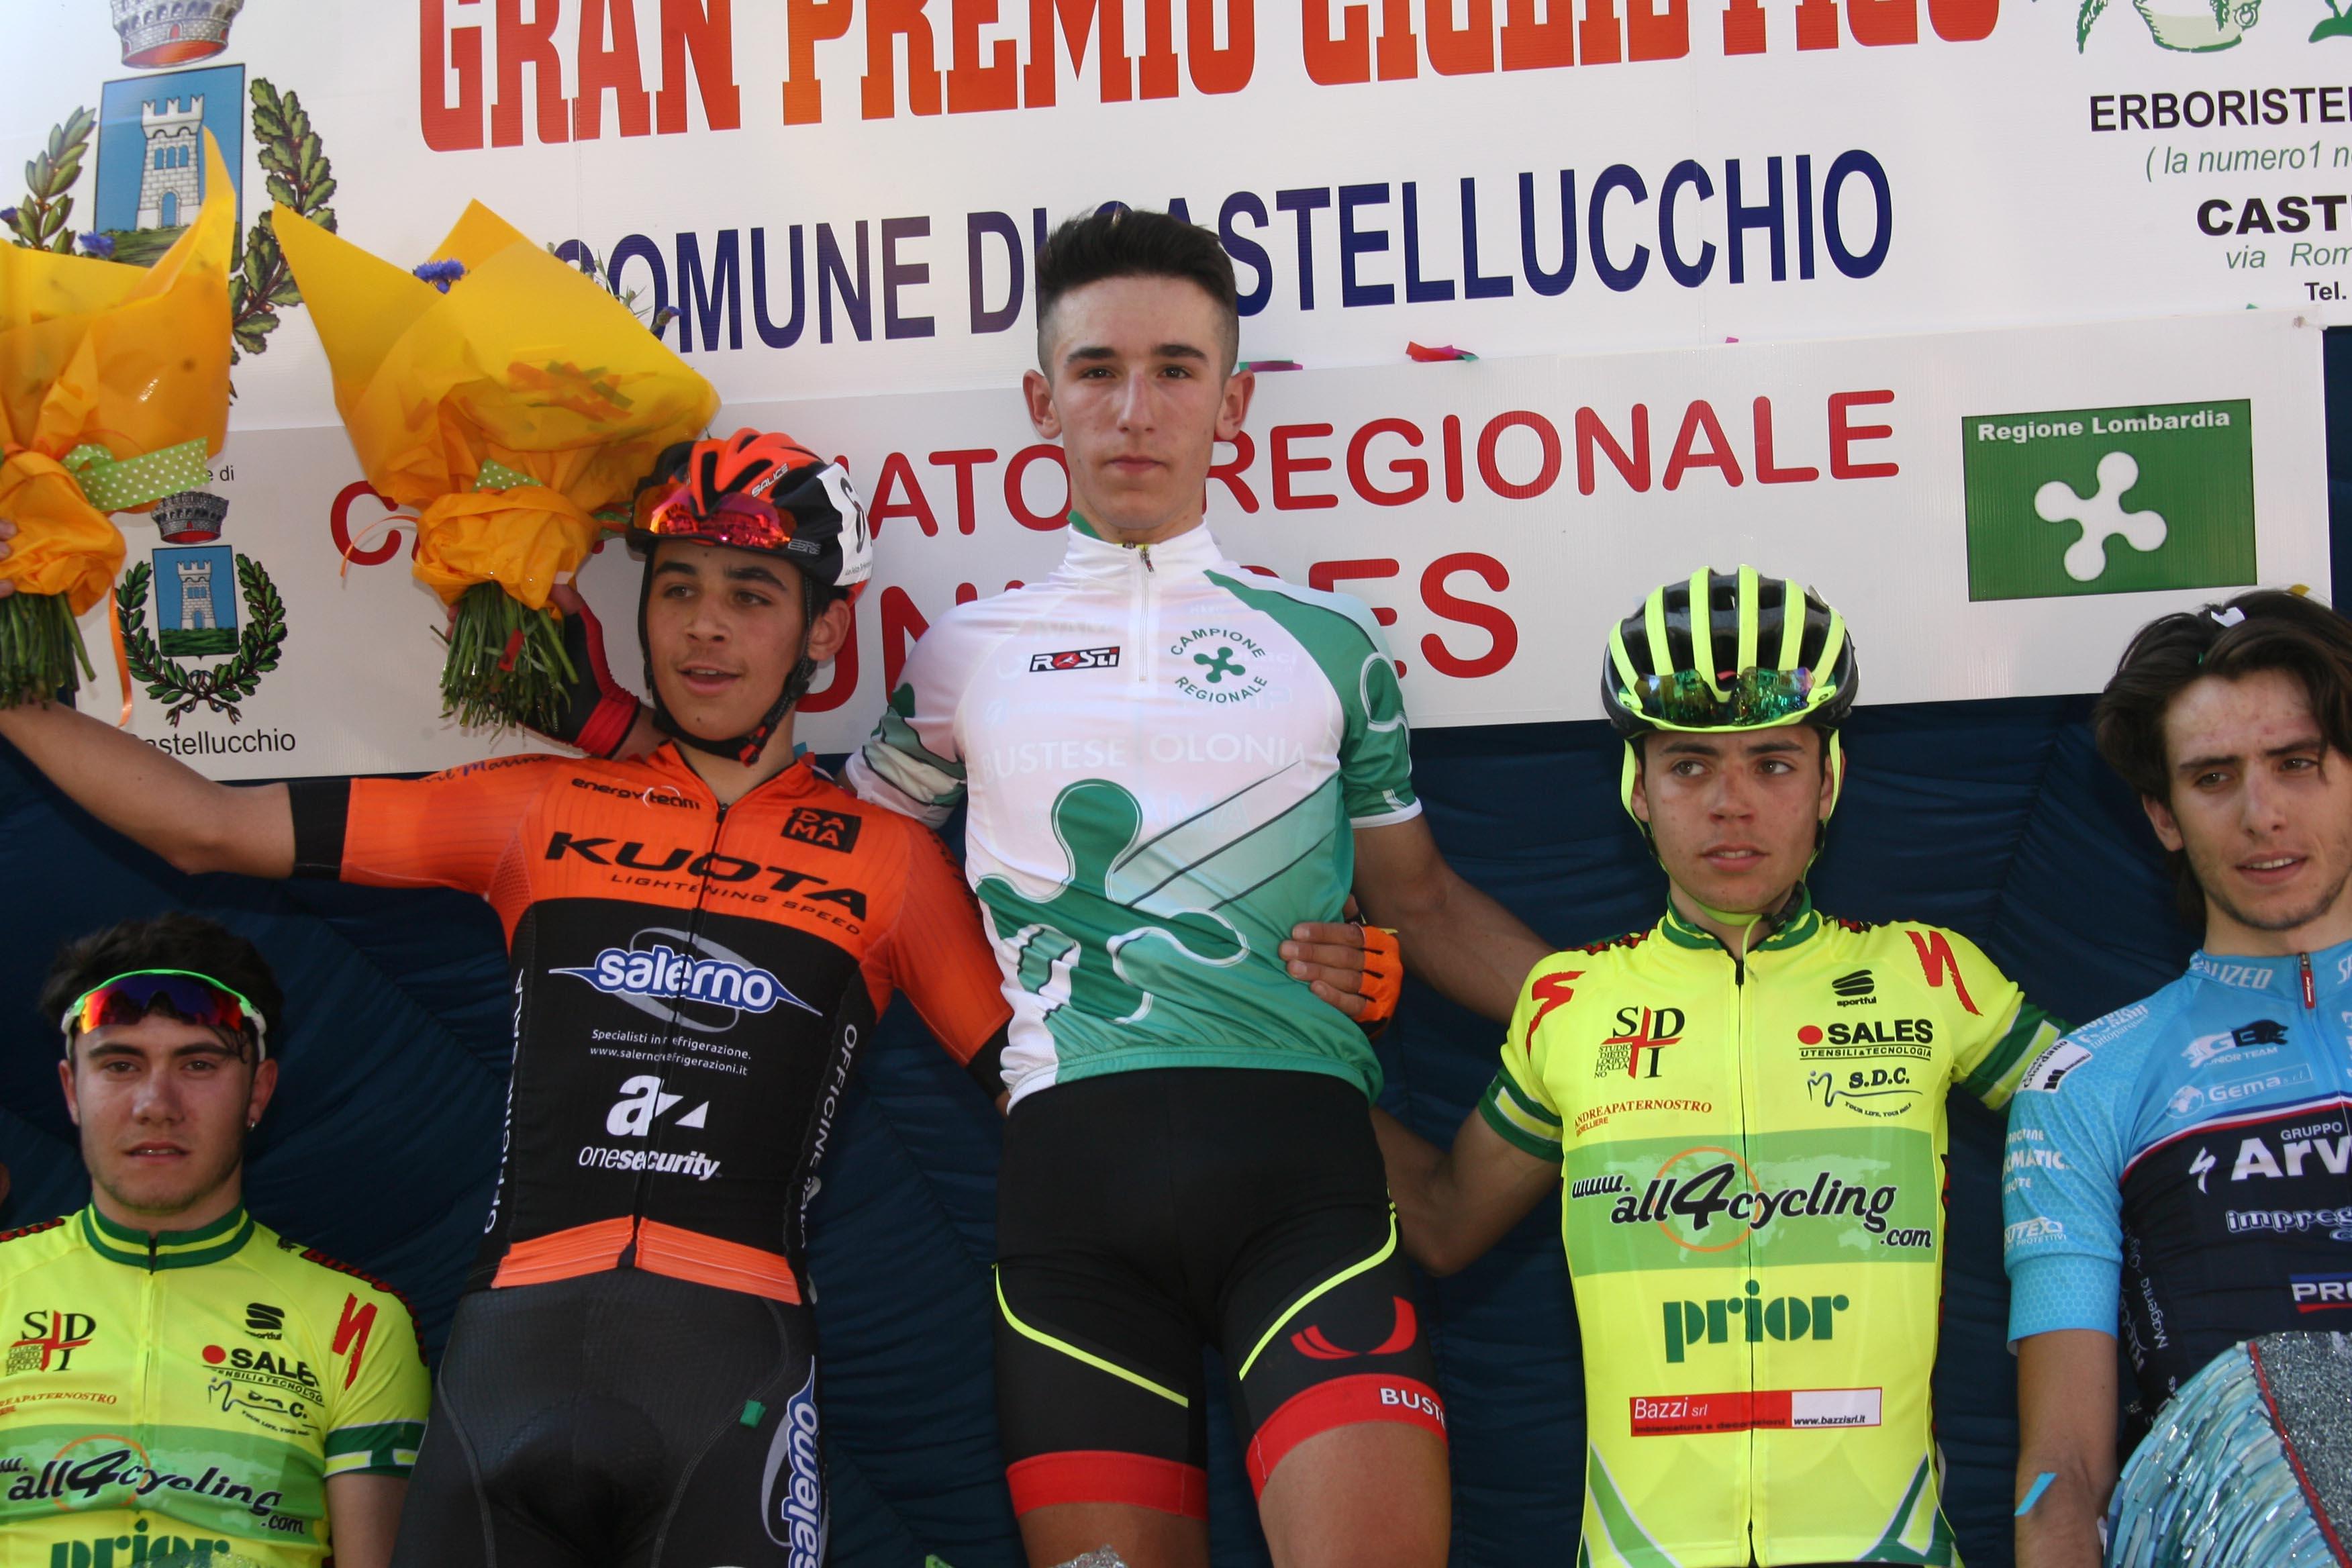 Massimo Murato campione lombardo Juniores a Castellucchio